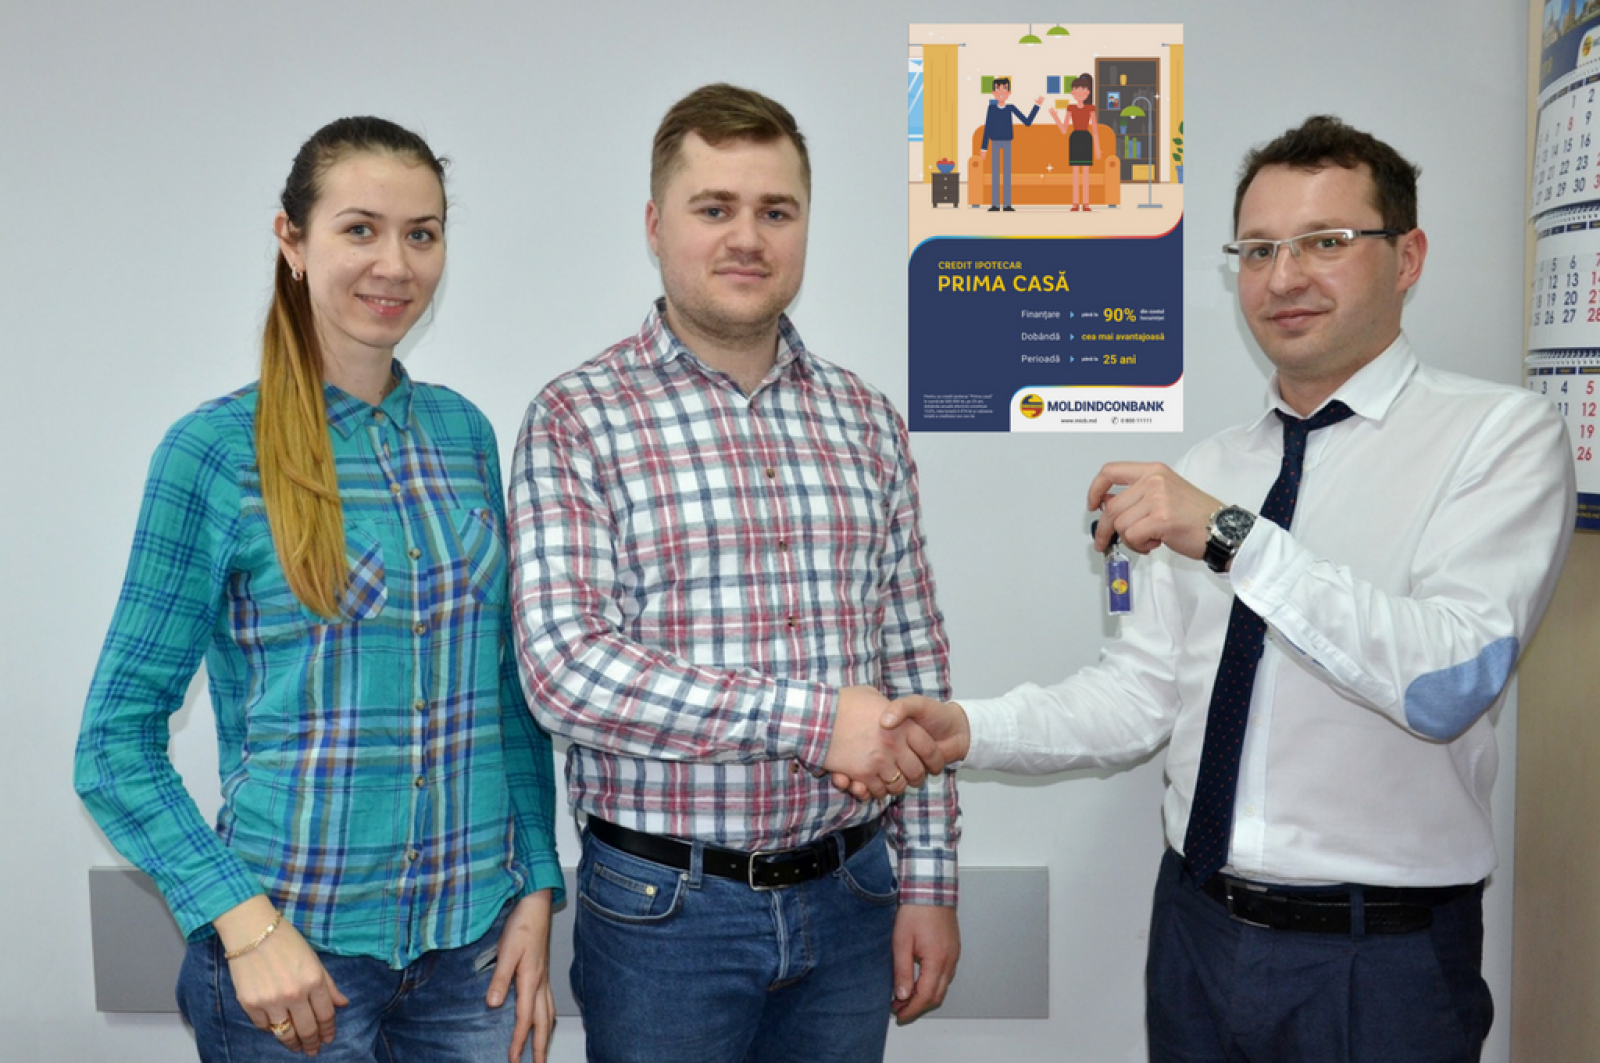 """Moldindconbank a oferit primul credit ipotecar """"Prima Casă""""!"""